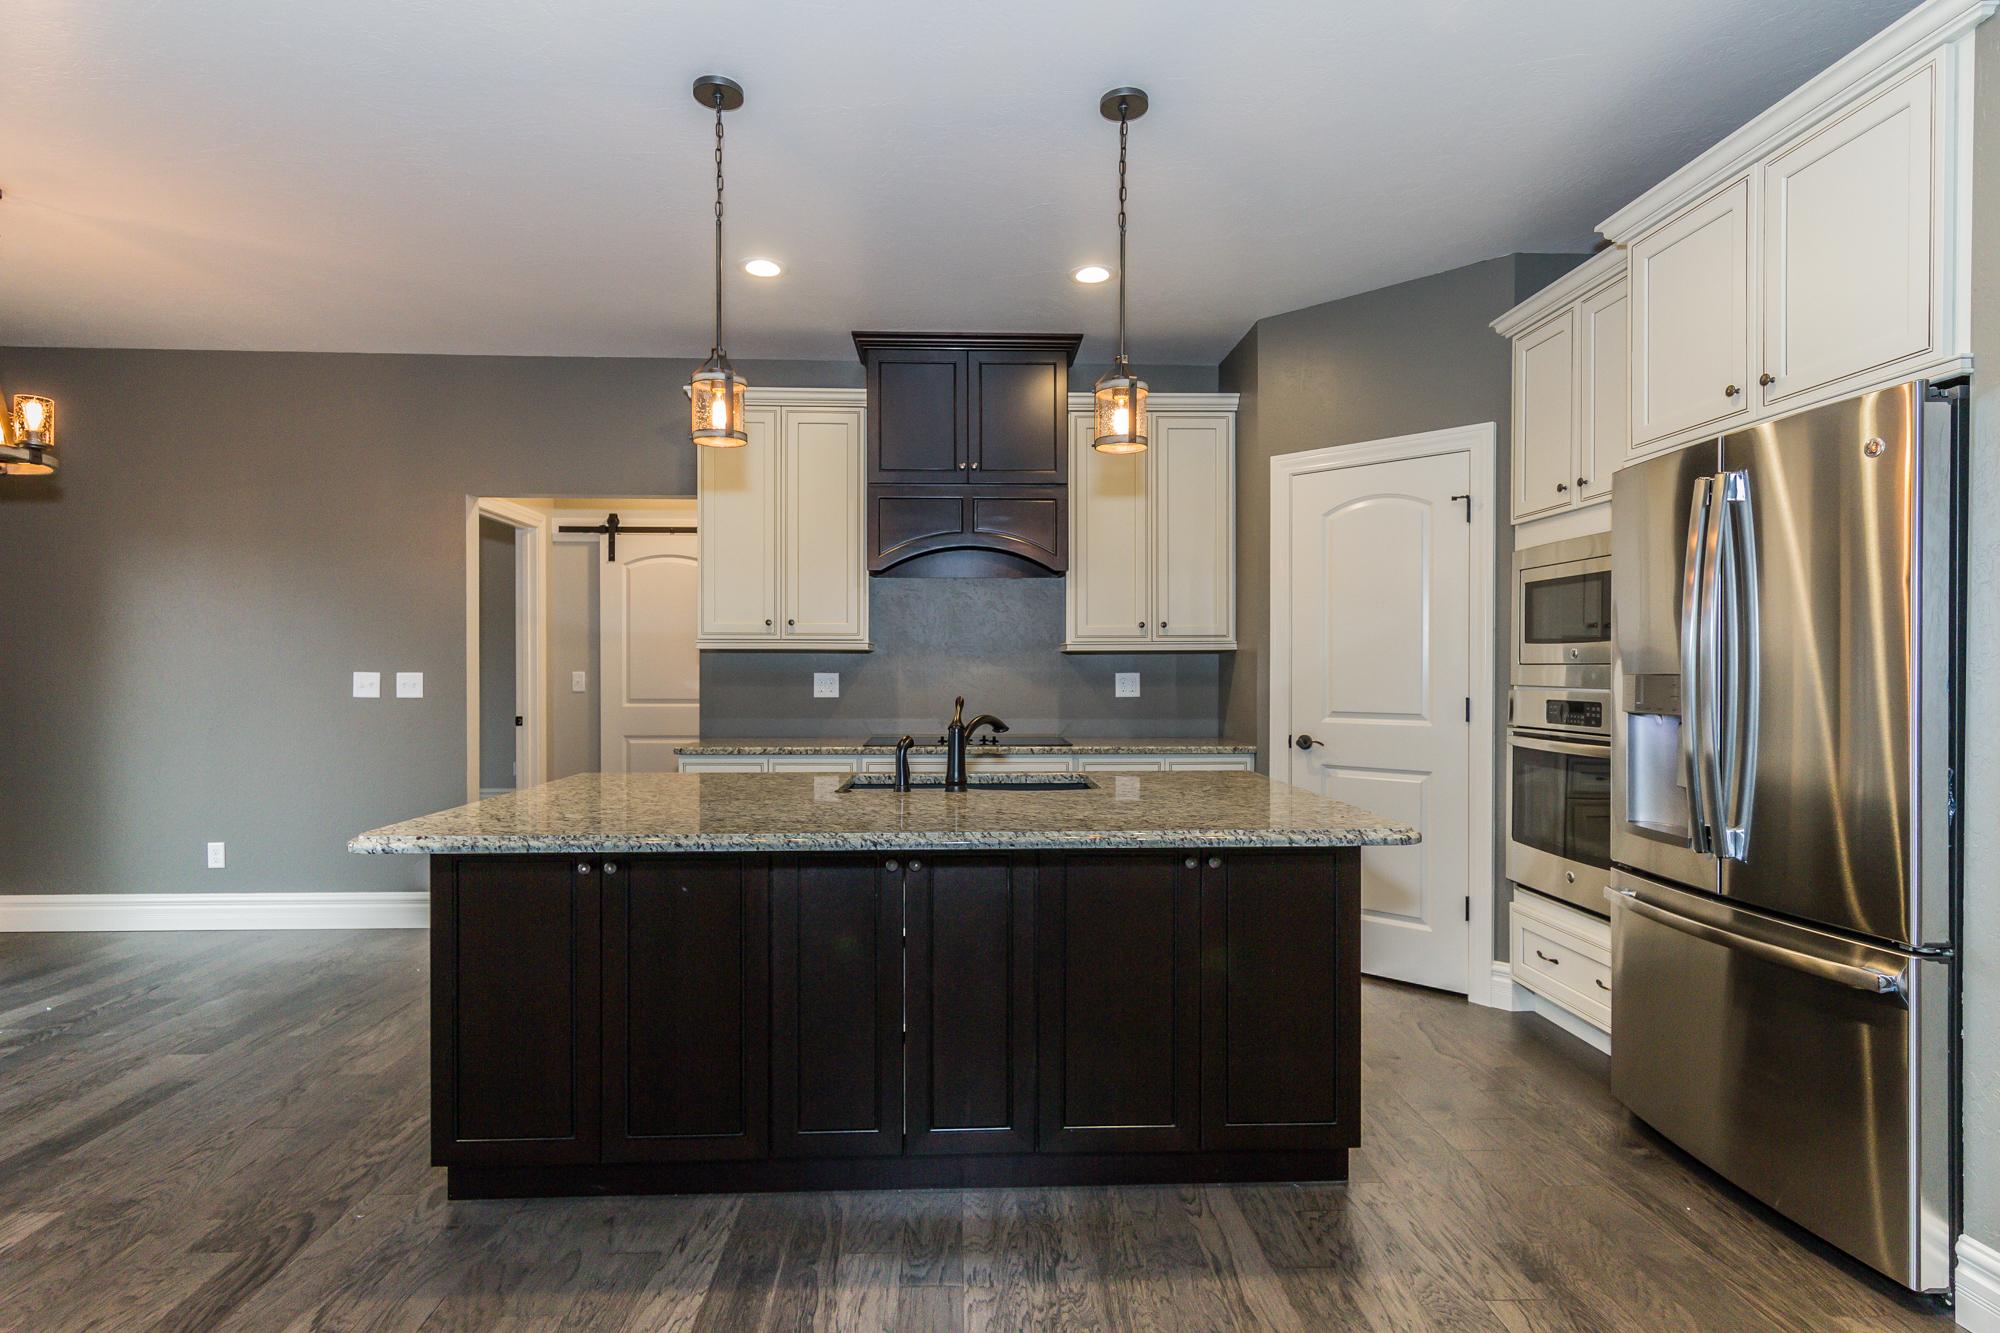 0-Scott-AFB-Real-Estate-For-Sale-O'Fallon-Illinois-62269-8.jpg